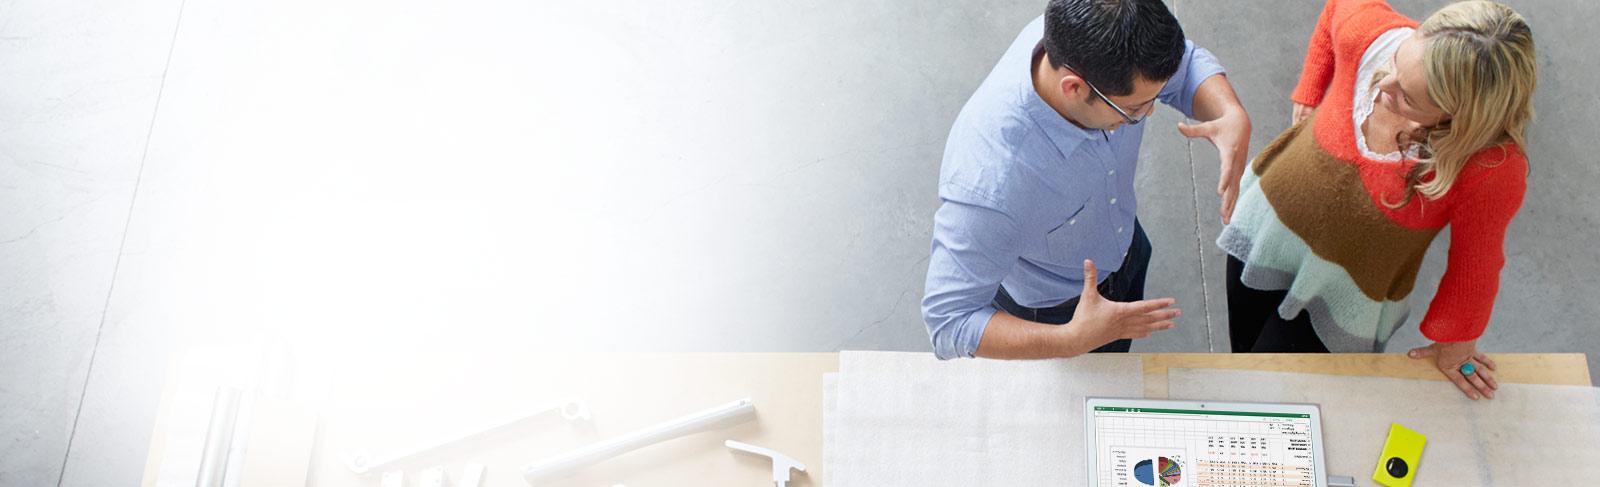 Een man en een vrouw bij een tekentafel, die gebruikmaken van Office 365 ProPlus op een tablet.